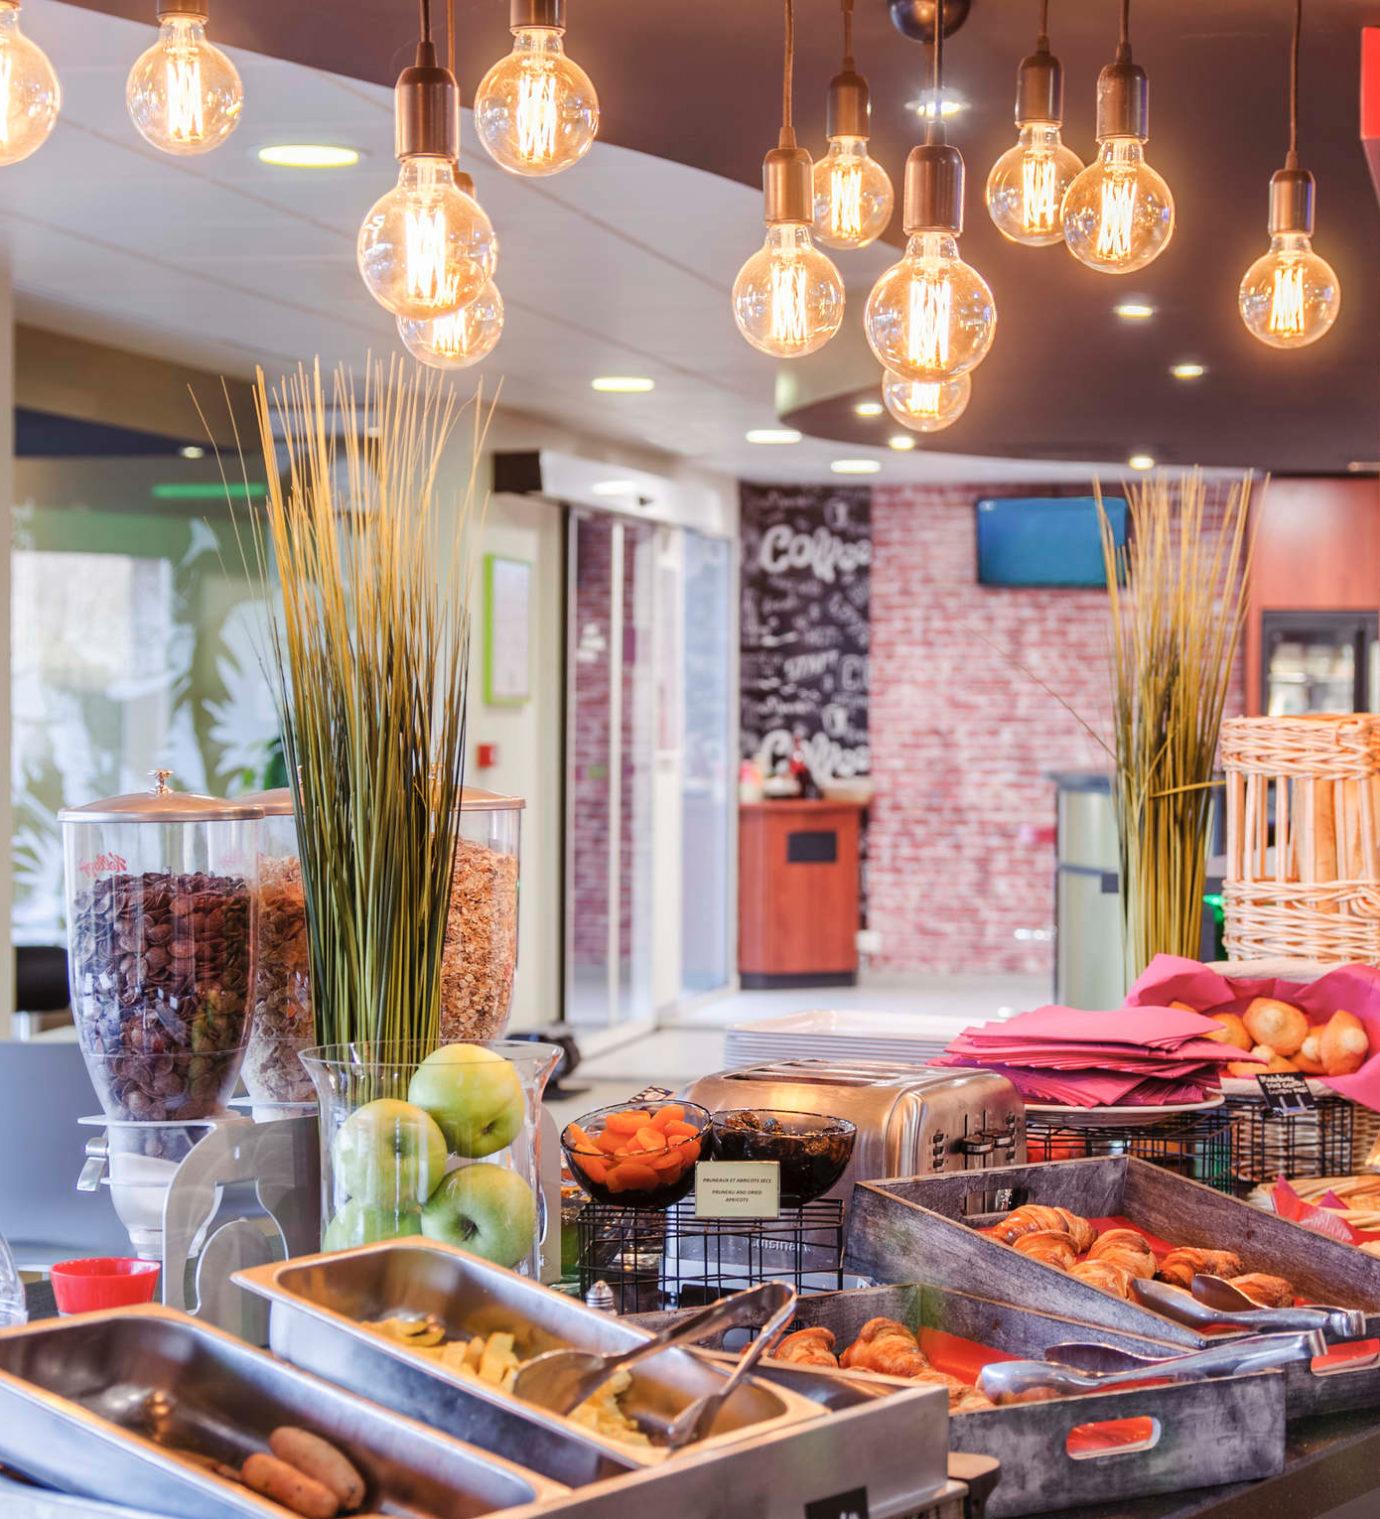 Rénovation et décoration de l'espace petit déjeuner de l'hôtel Ibis Styles de Toulouse Blagnac